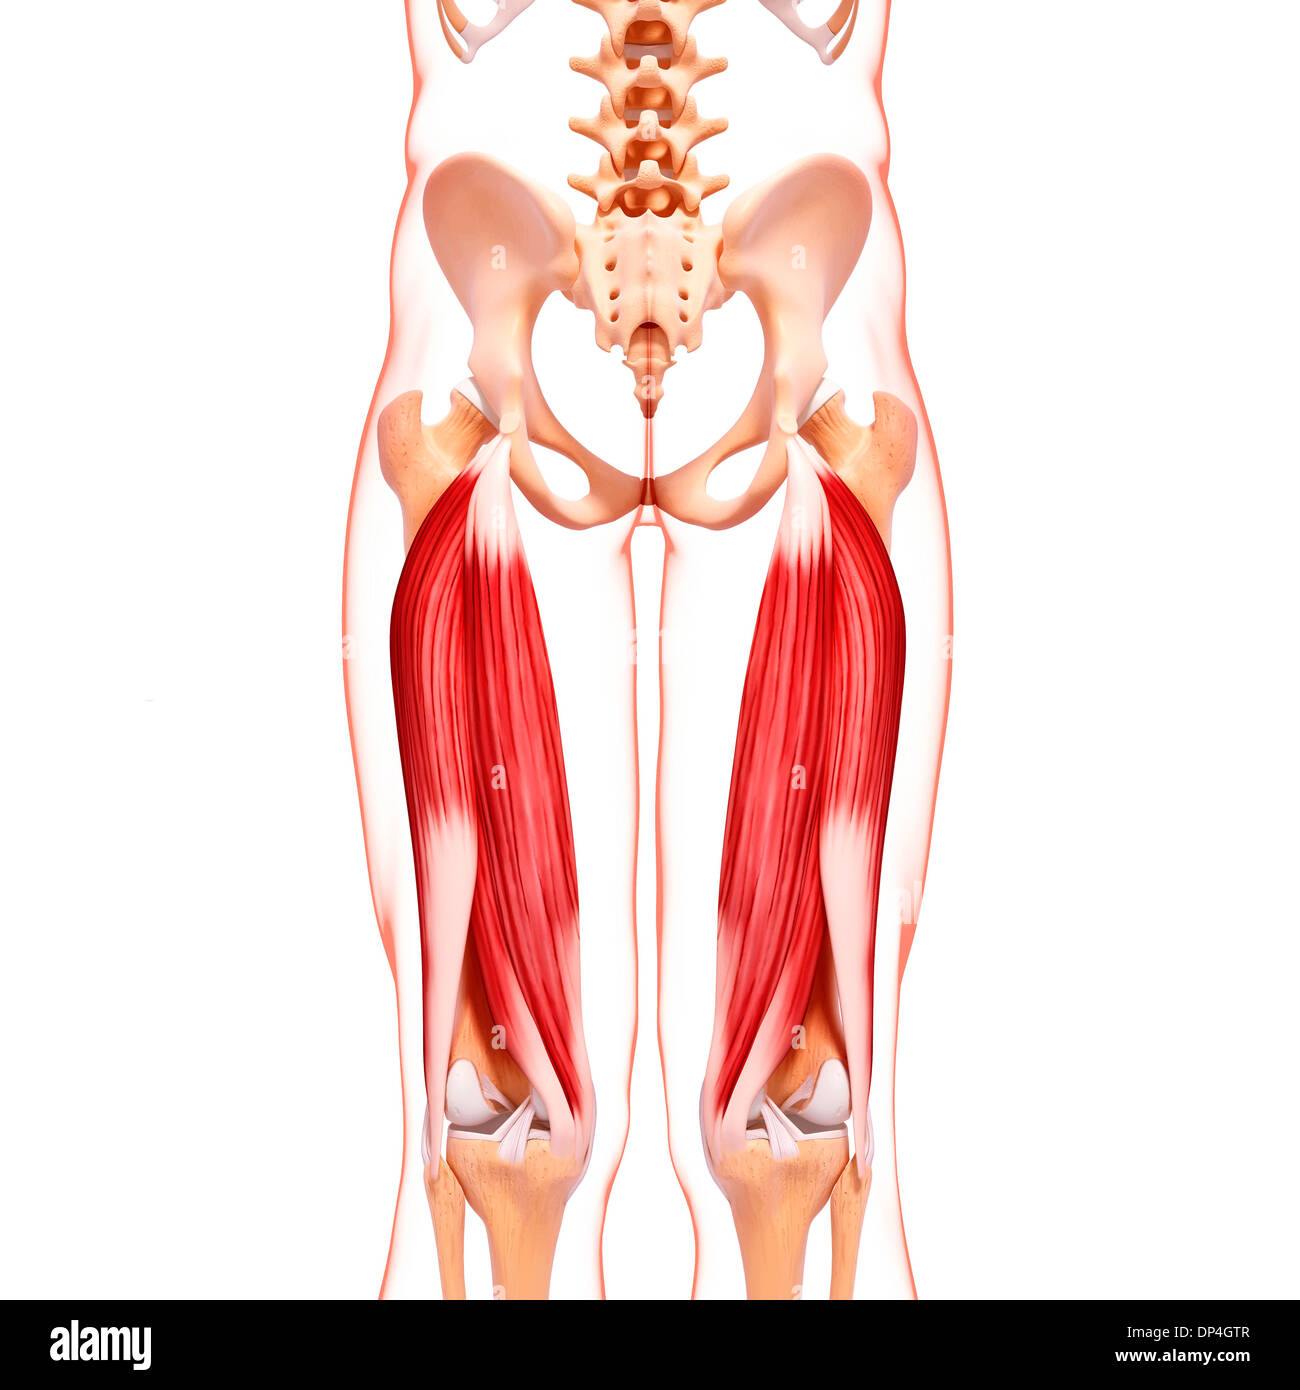 Schön Beinmuskulatur Anatomie Bilder - Menschliche Anatomie Bilder ...